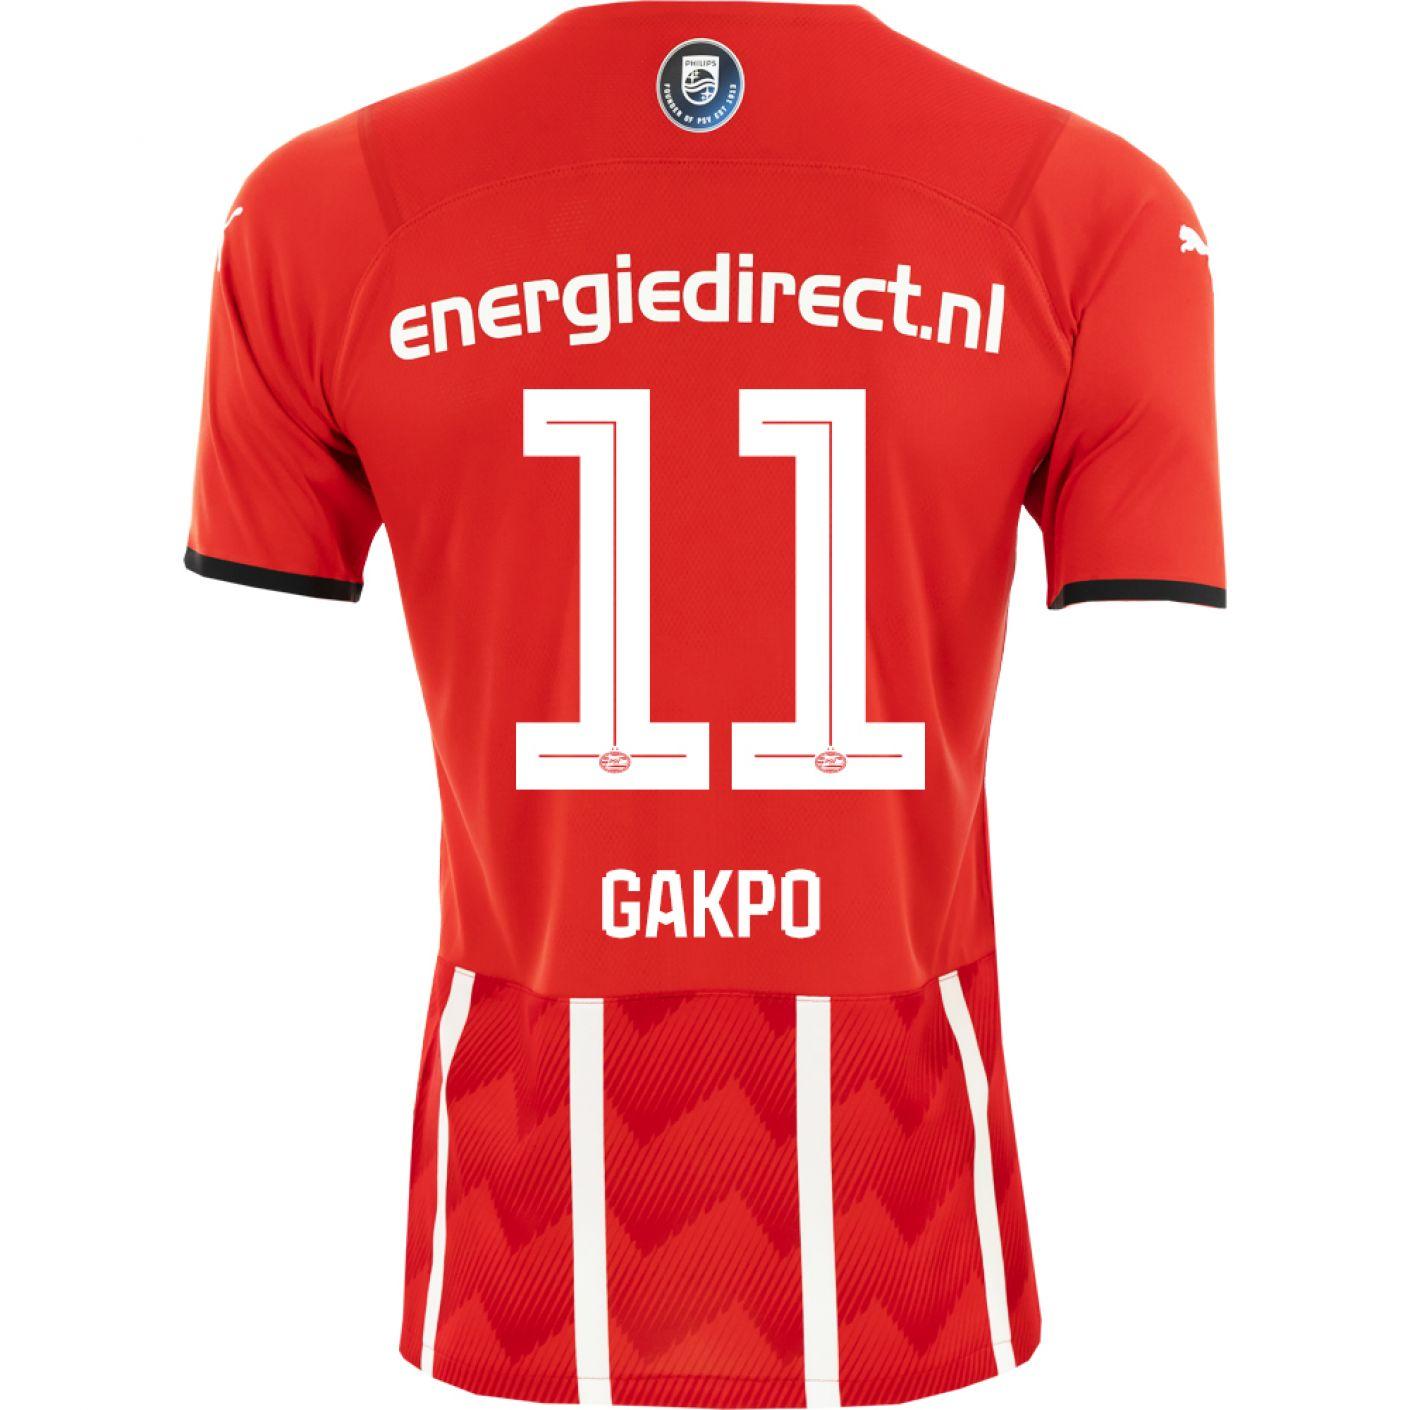 PSV Gakpo 11 Thuisshirt 21/22